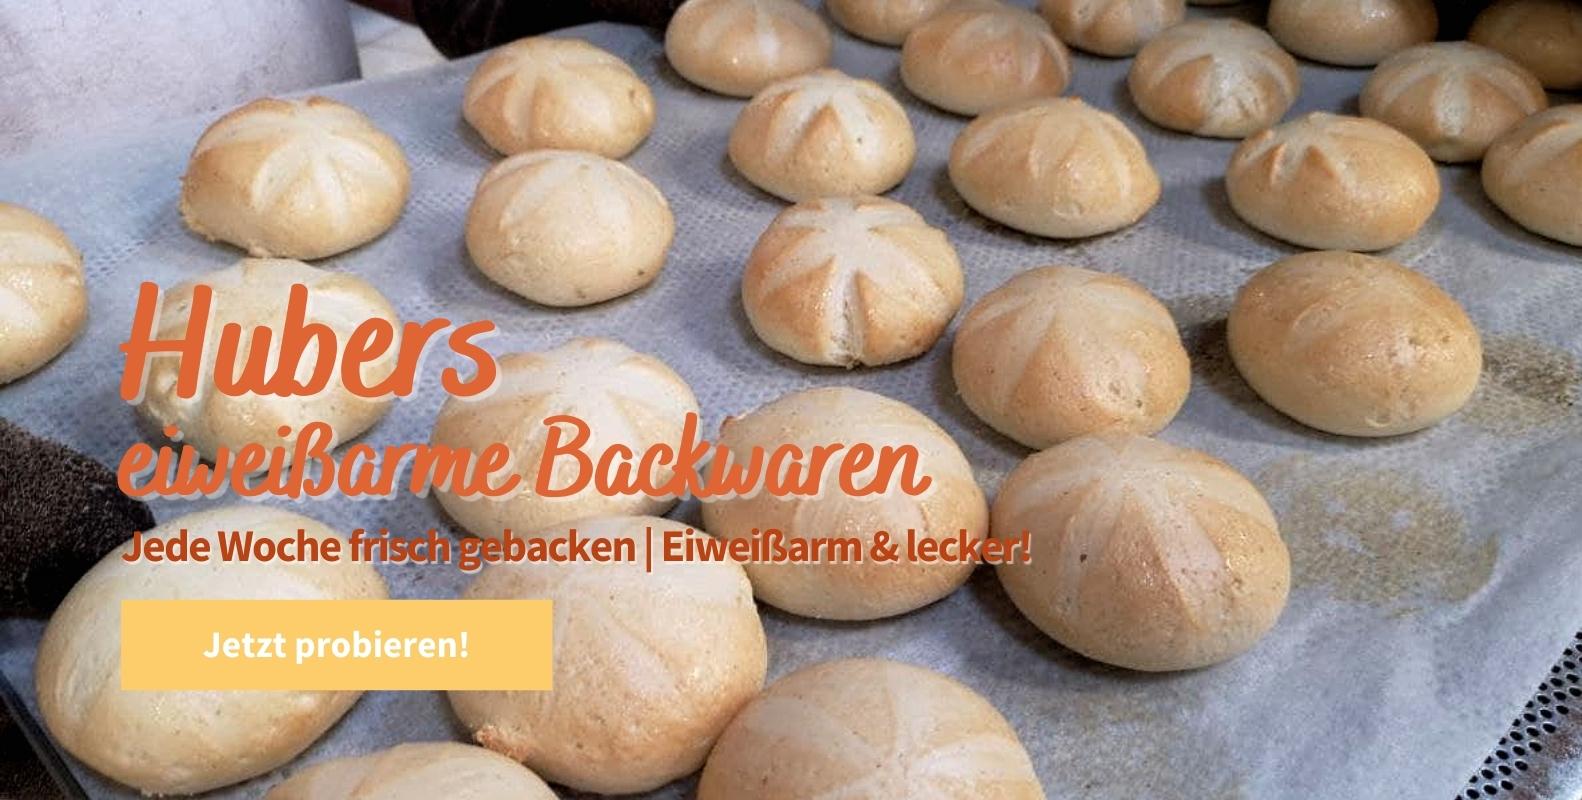 Eiweißarmes Brot & Brötchen kaufen - Eiweißarme Lebensmittel kaufen